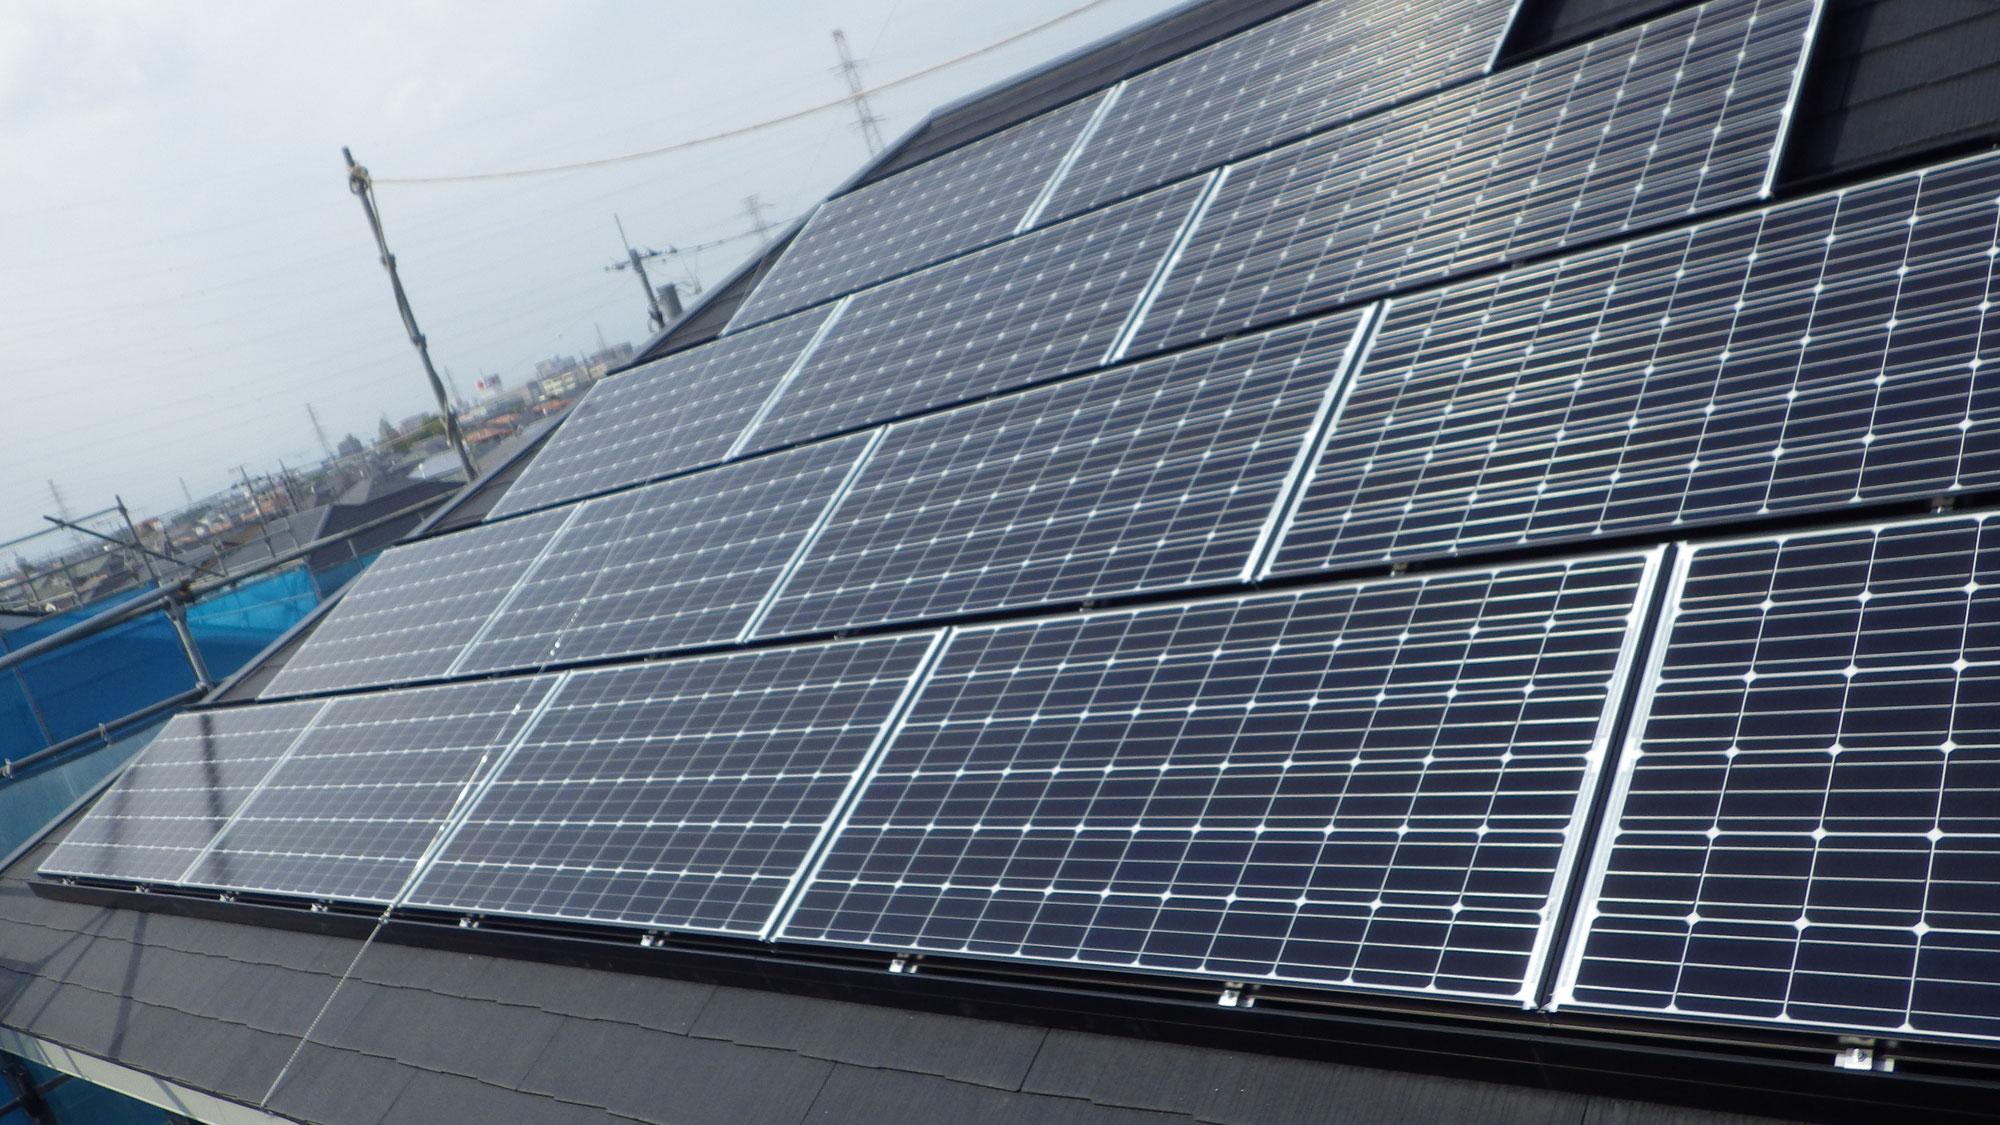 フルベスト屋根への太陽光発電システム設置工事を行いました。in宇都宮市